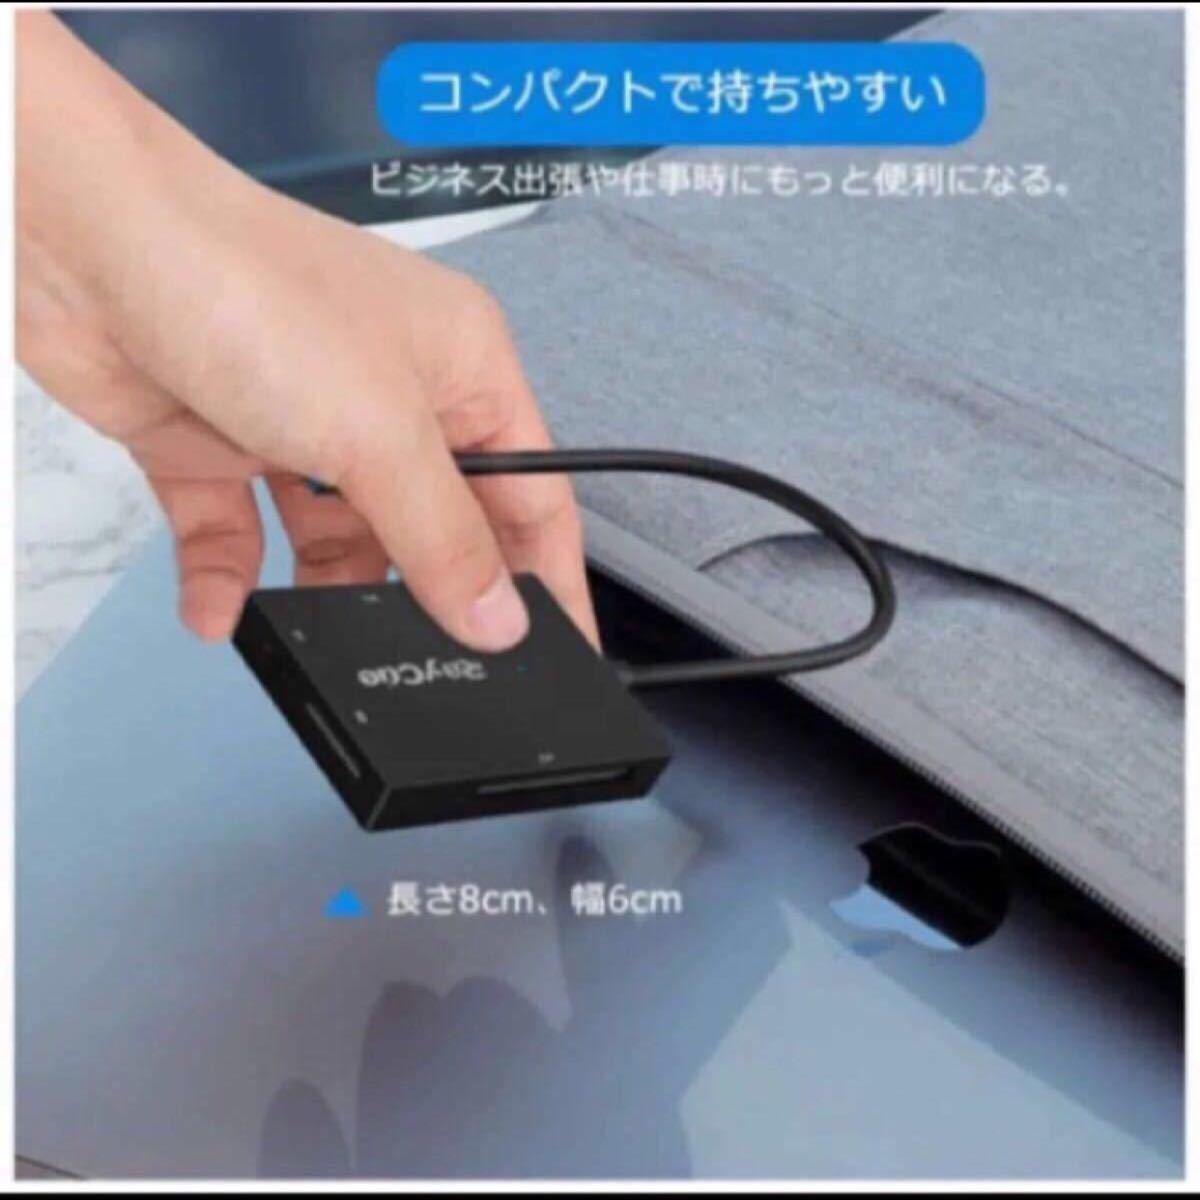 SD カード リーダー USB 3.0 マイクロ SD カード リーダー TF/Micro